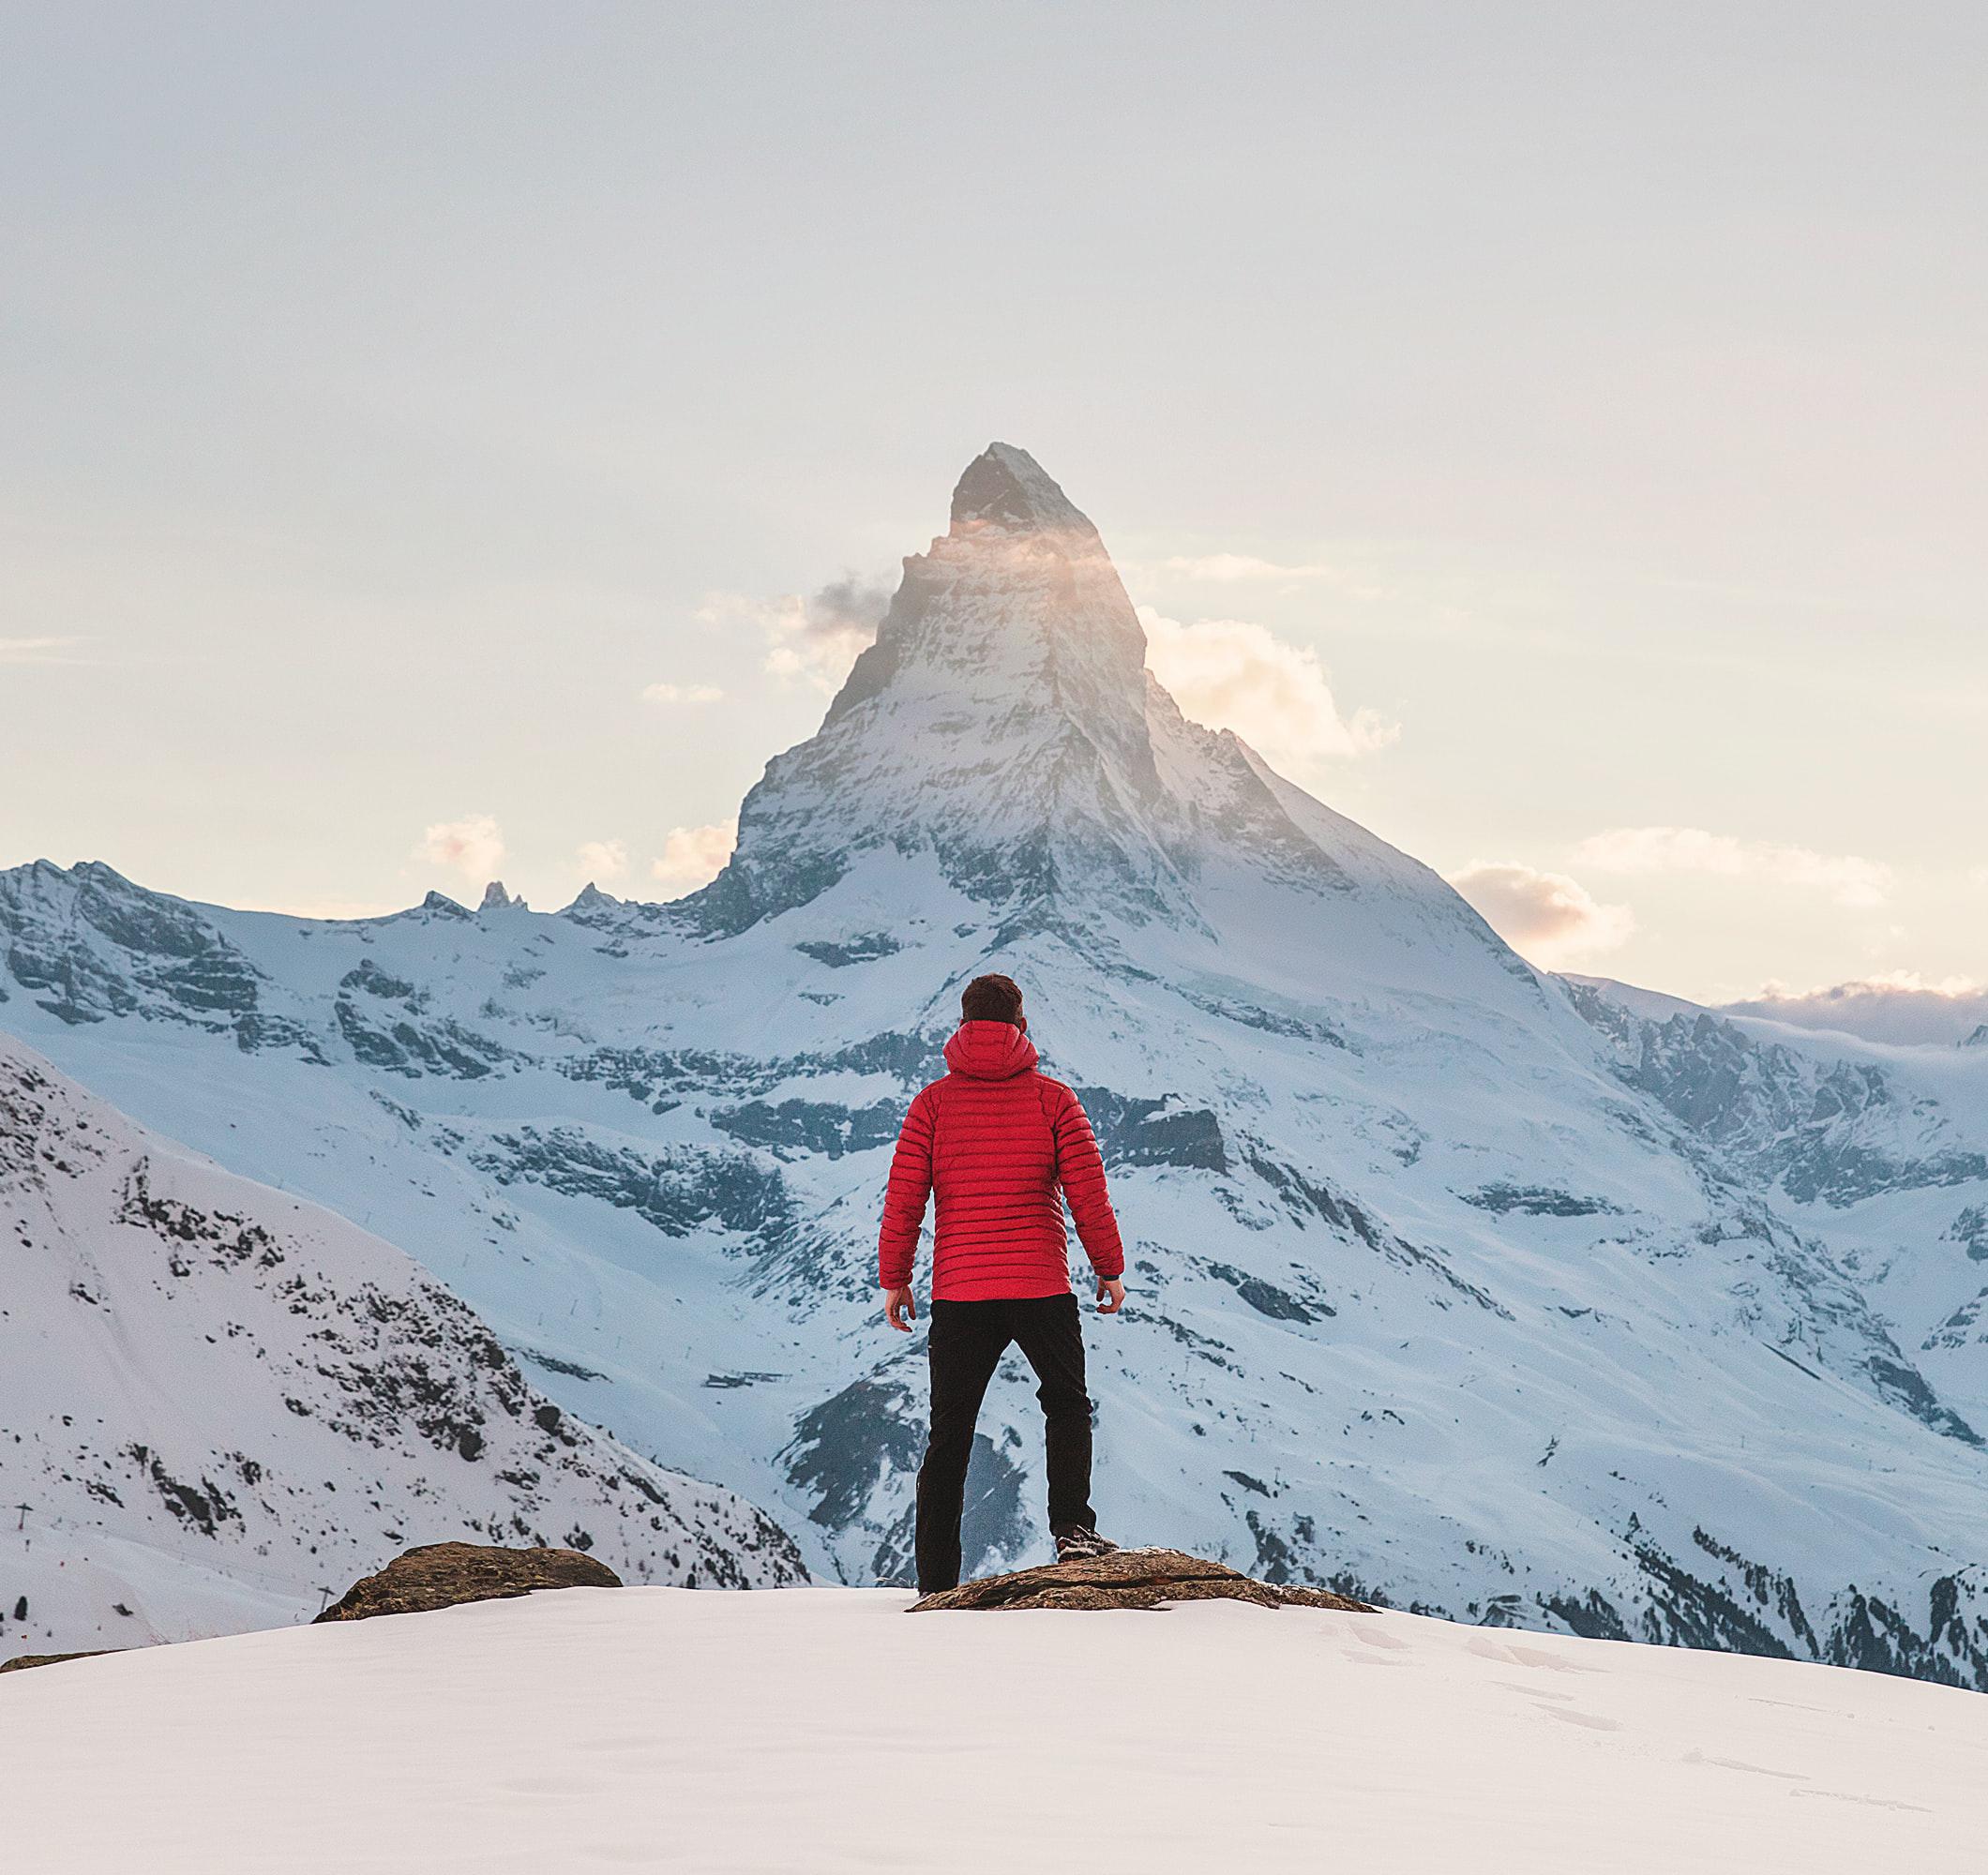 onde-esquiar-inverno-europeu